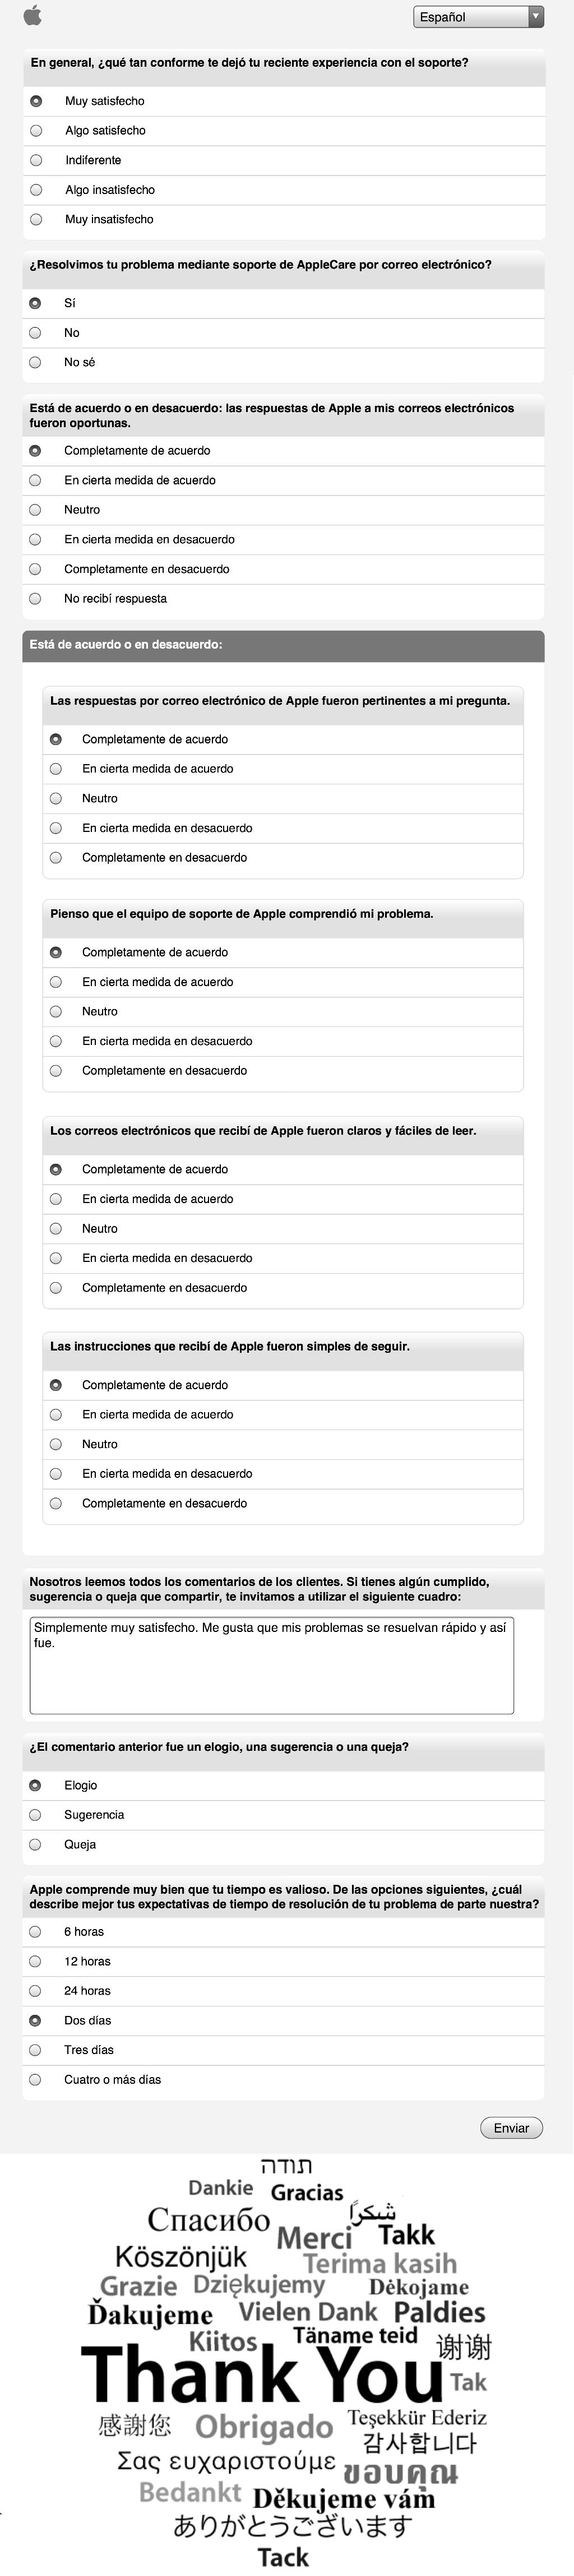 Encuesta post-soporte